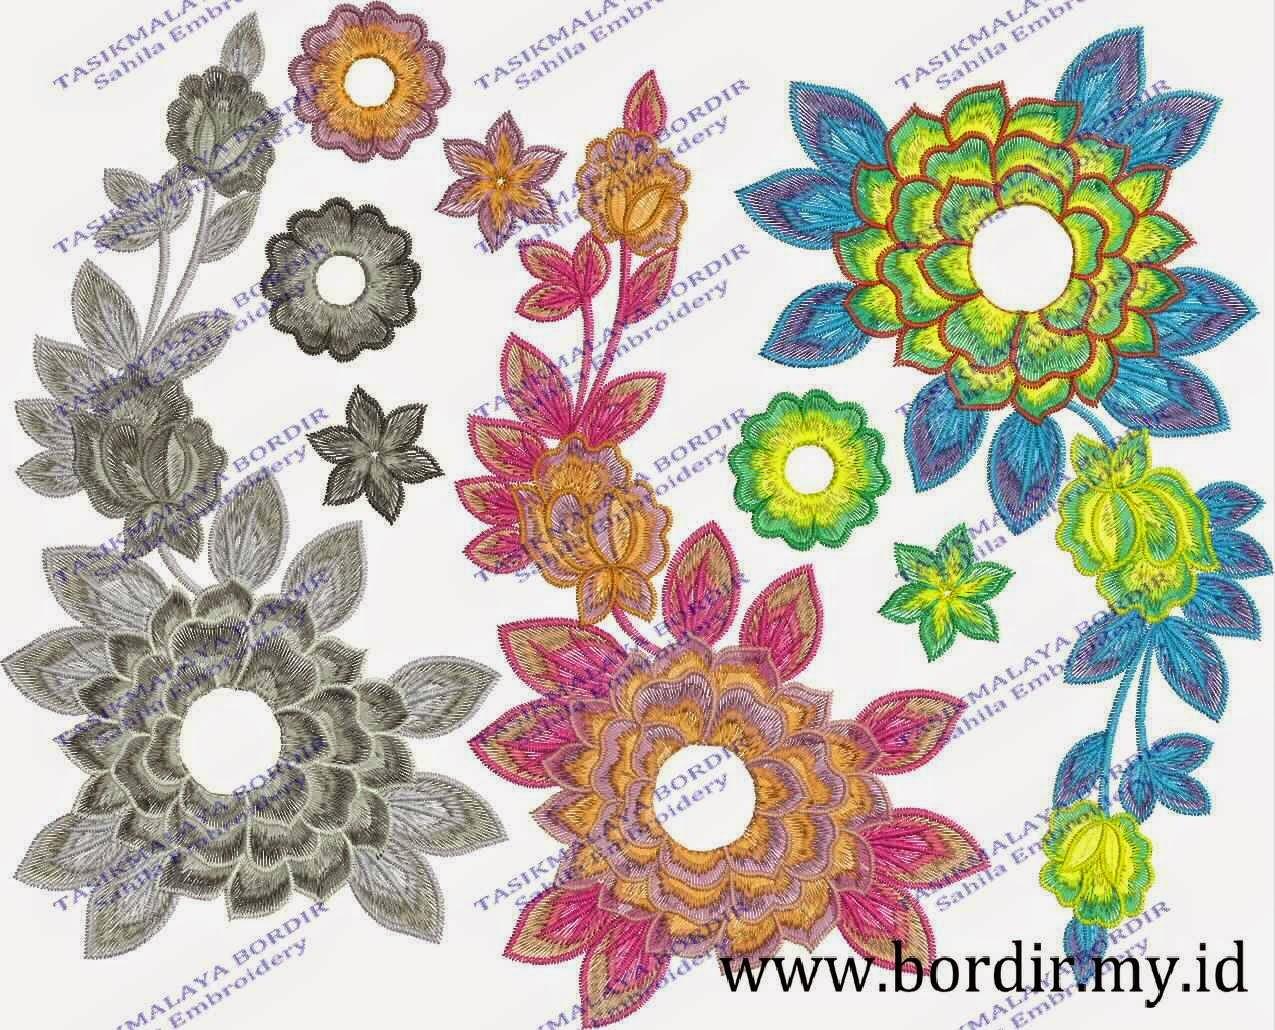 motif bunga bordir